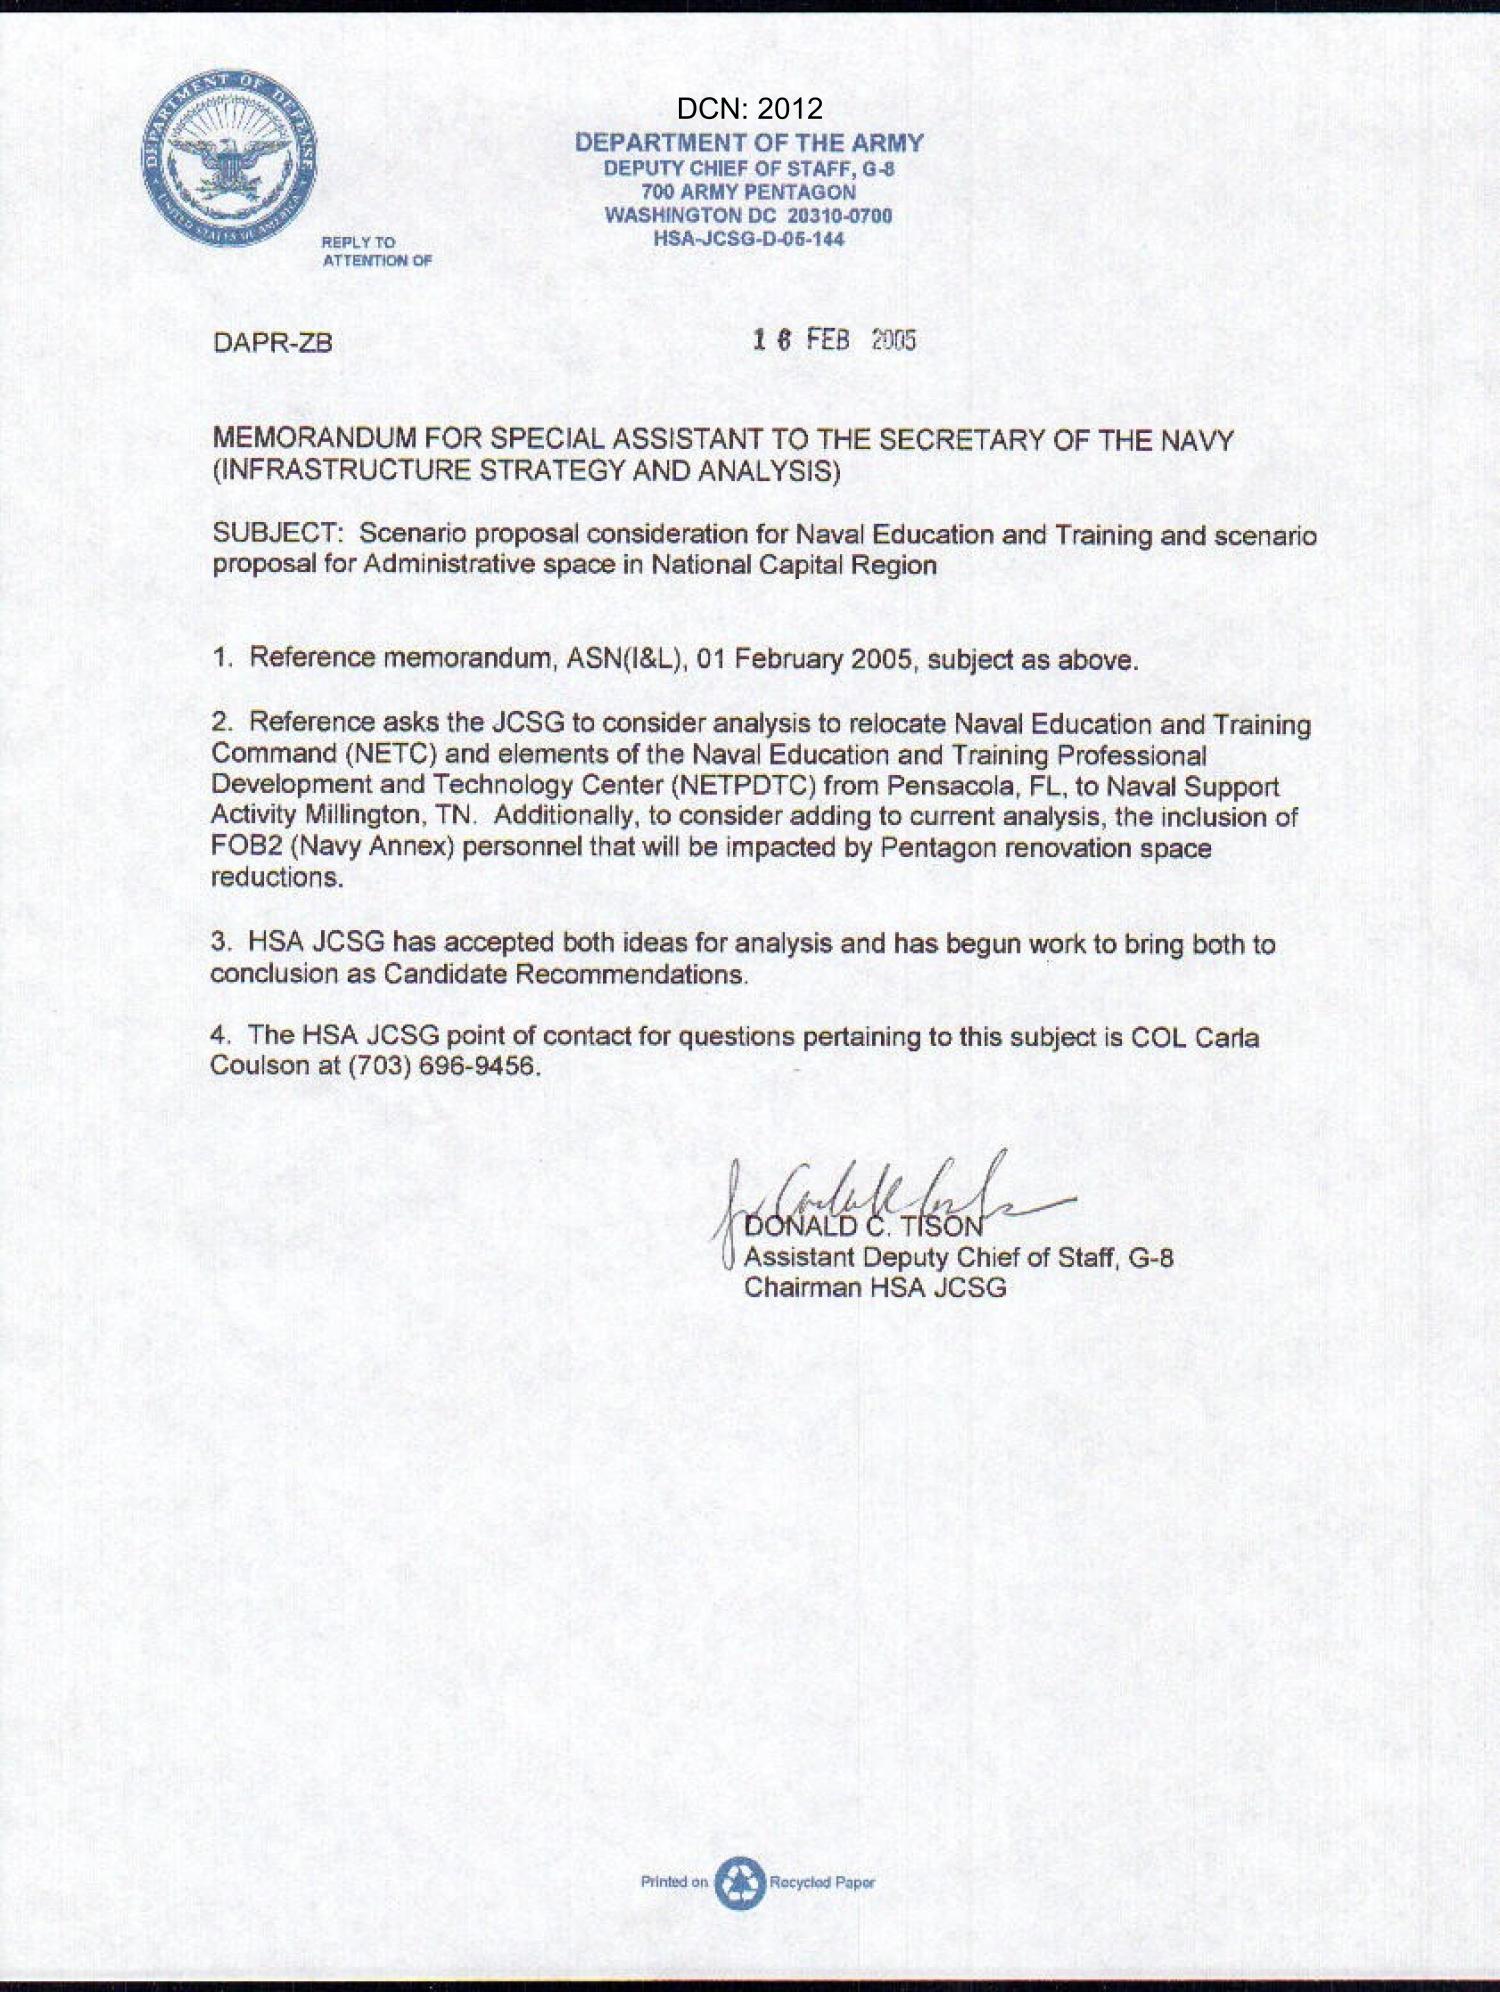 Memo Concerning Scenario Proposal Consideration For Naval